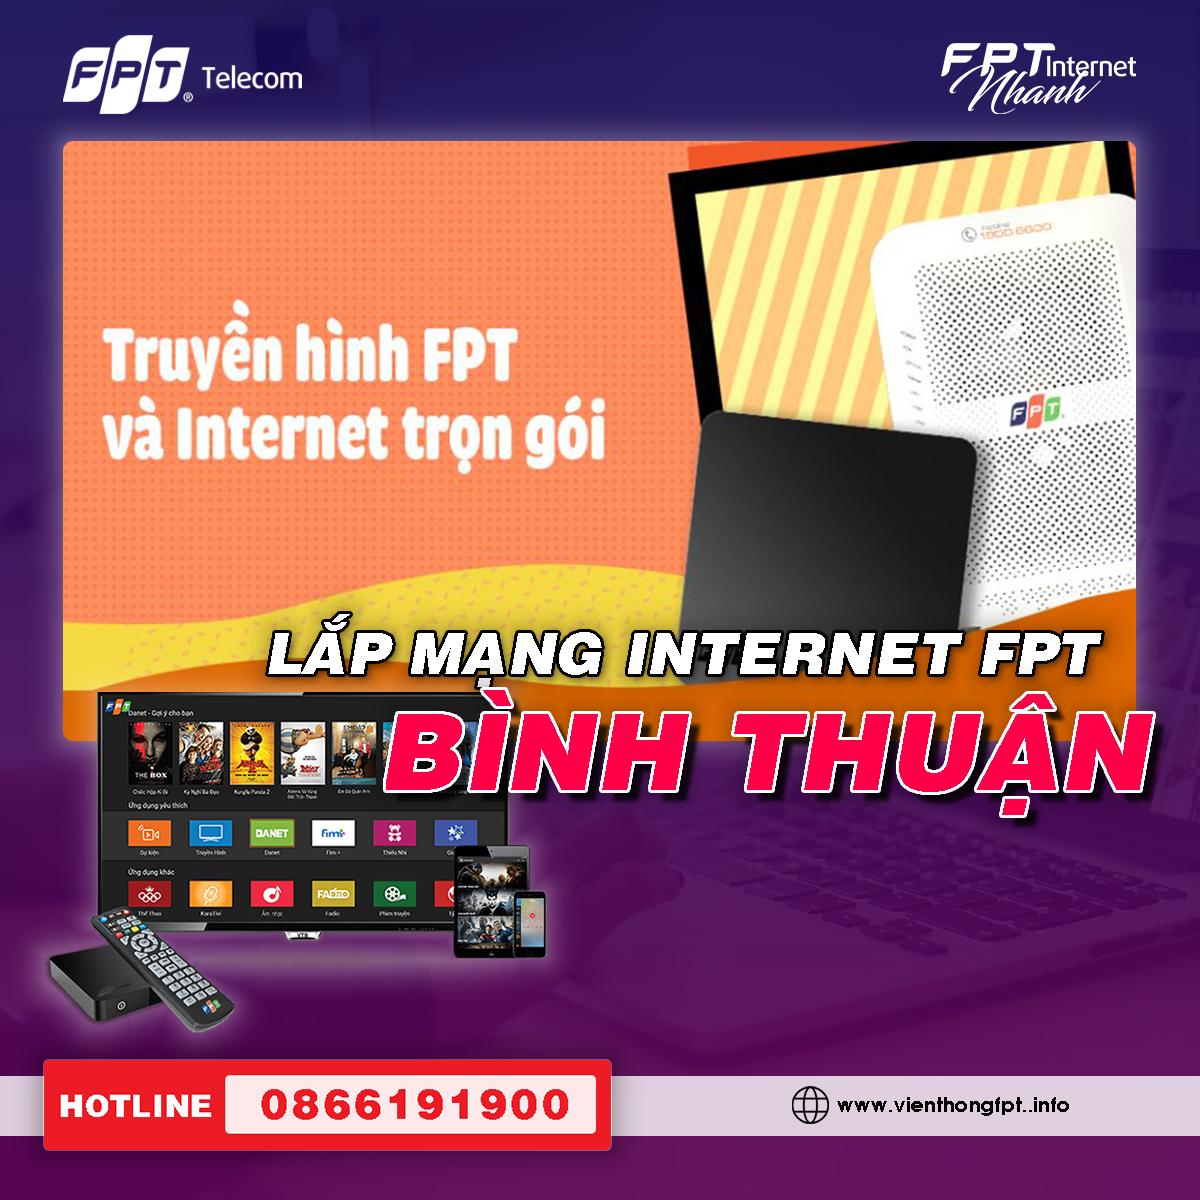 Đăng ký Internet FPT Bình Thuận - Thủ tục đơn giản - Lắp đặt nhanh trong ngày